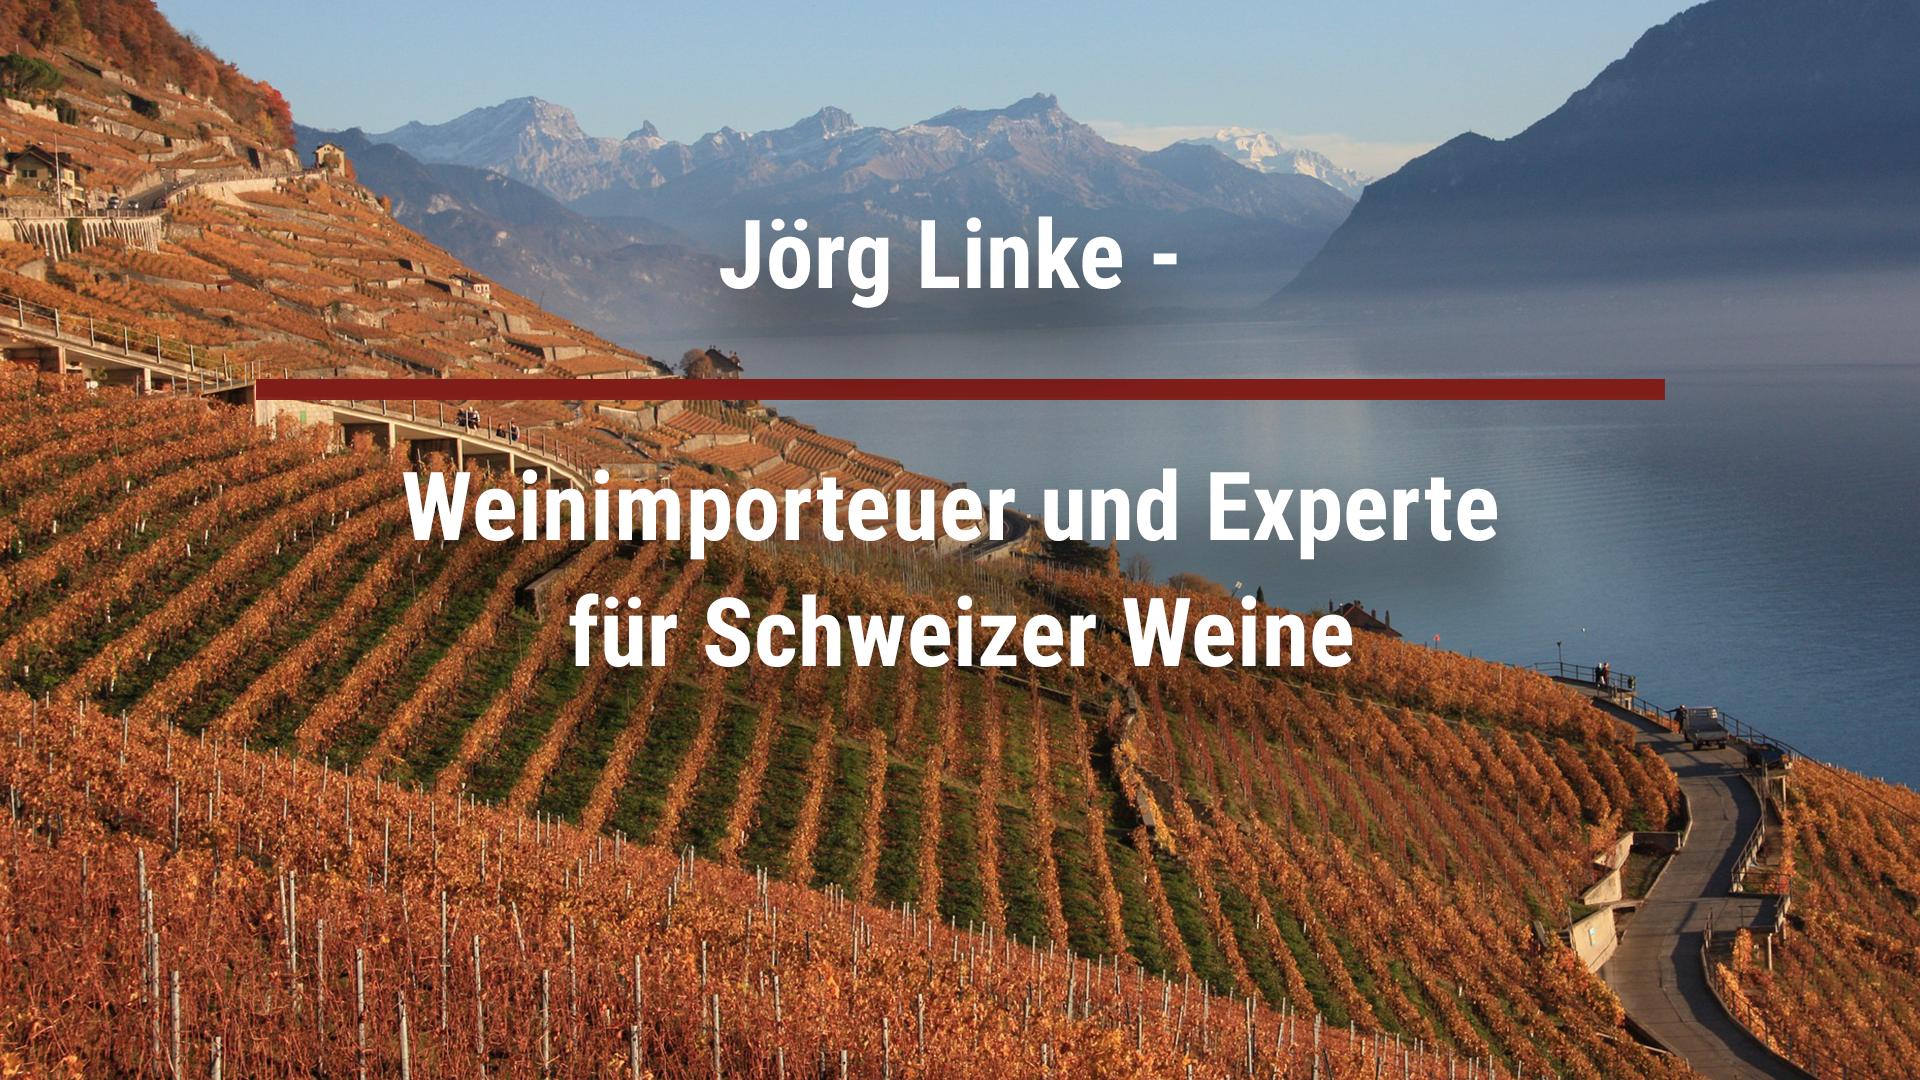 Jörg Linke – Weinimporteuer und Experte für Schweizer Weine